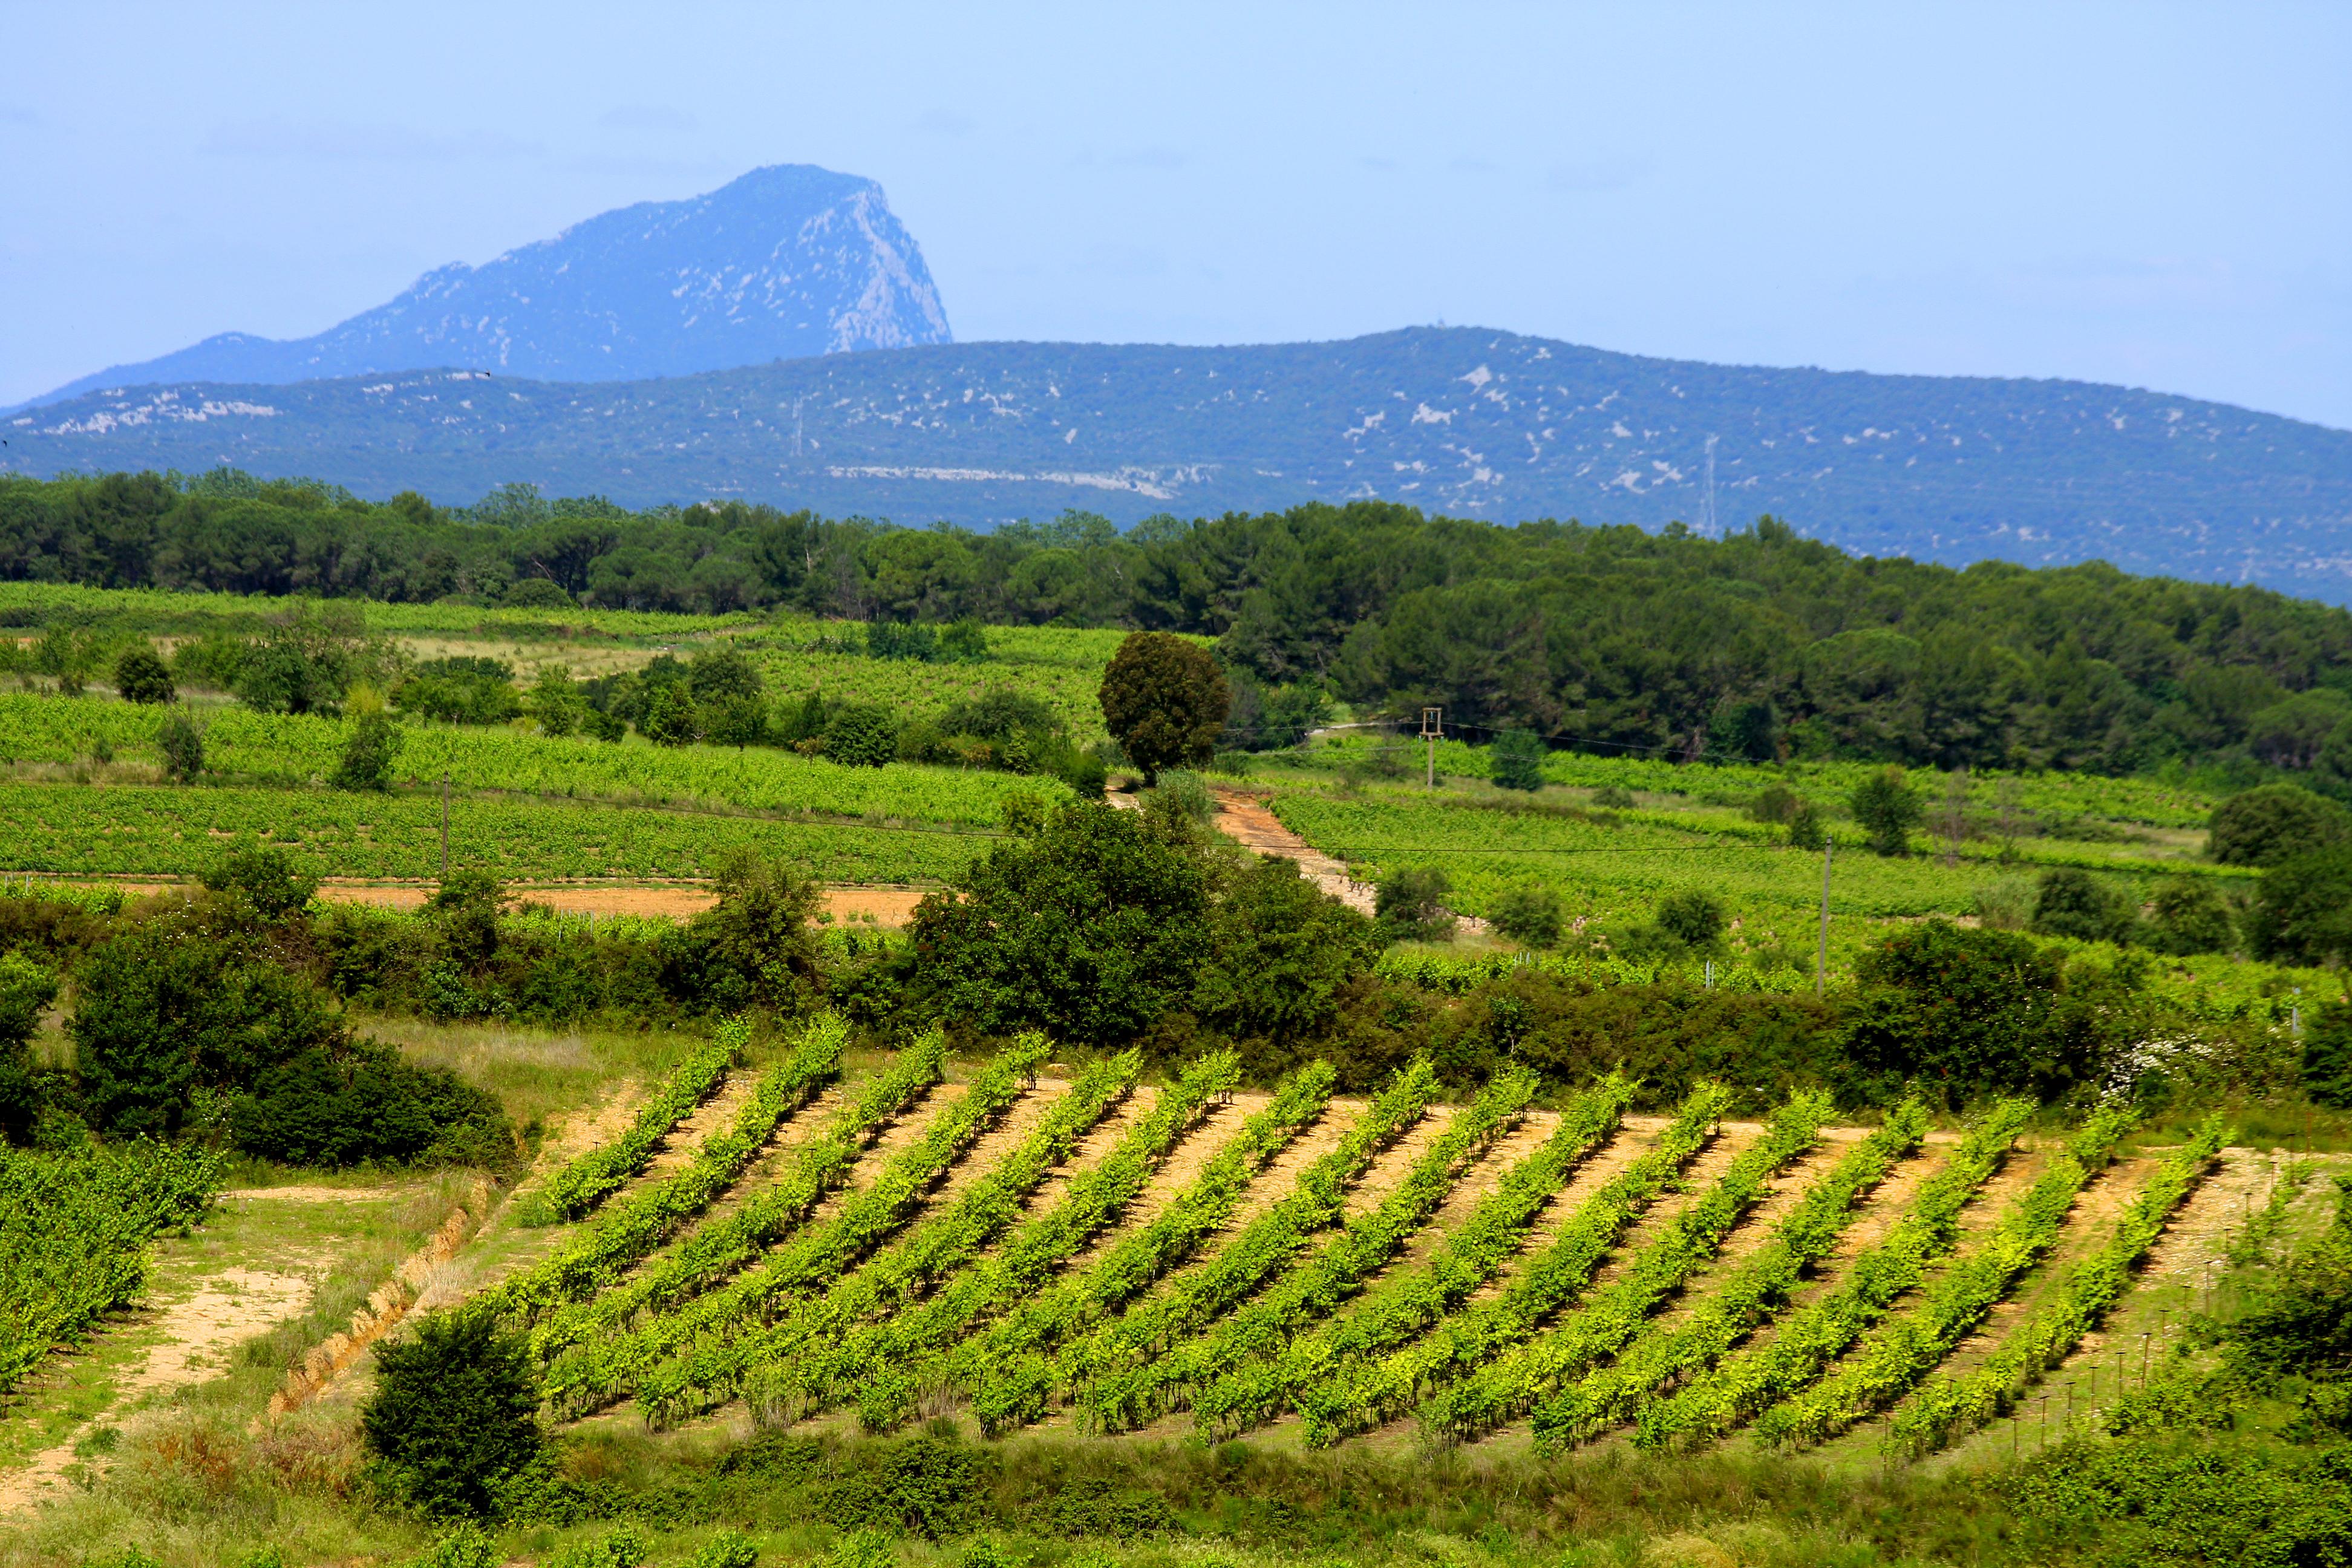 Le vin, un art de vivre et un terroir